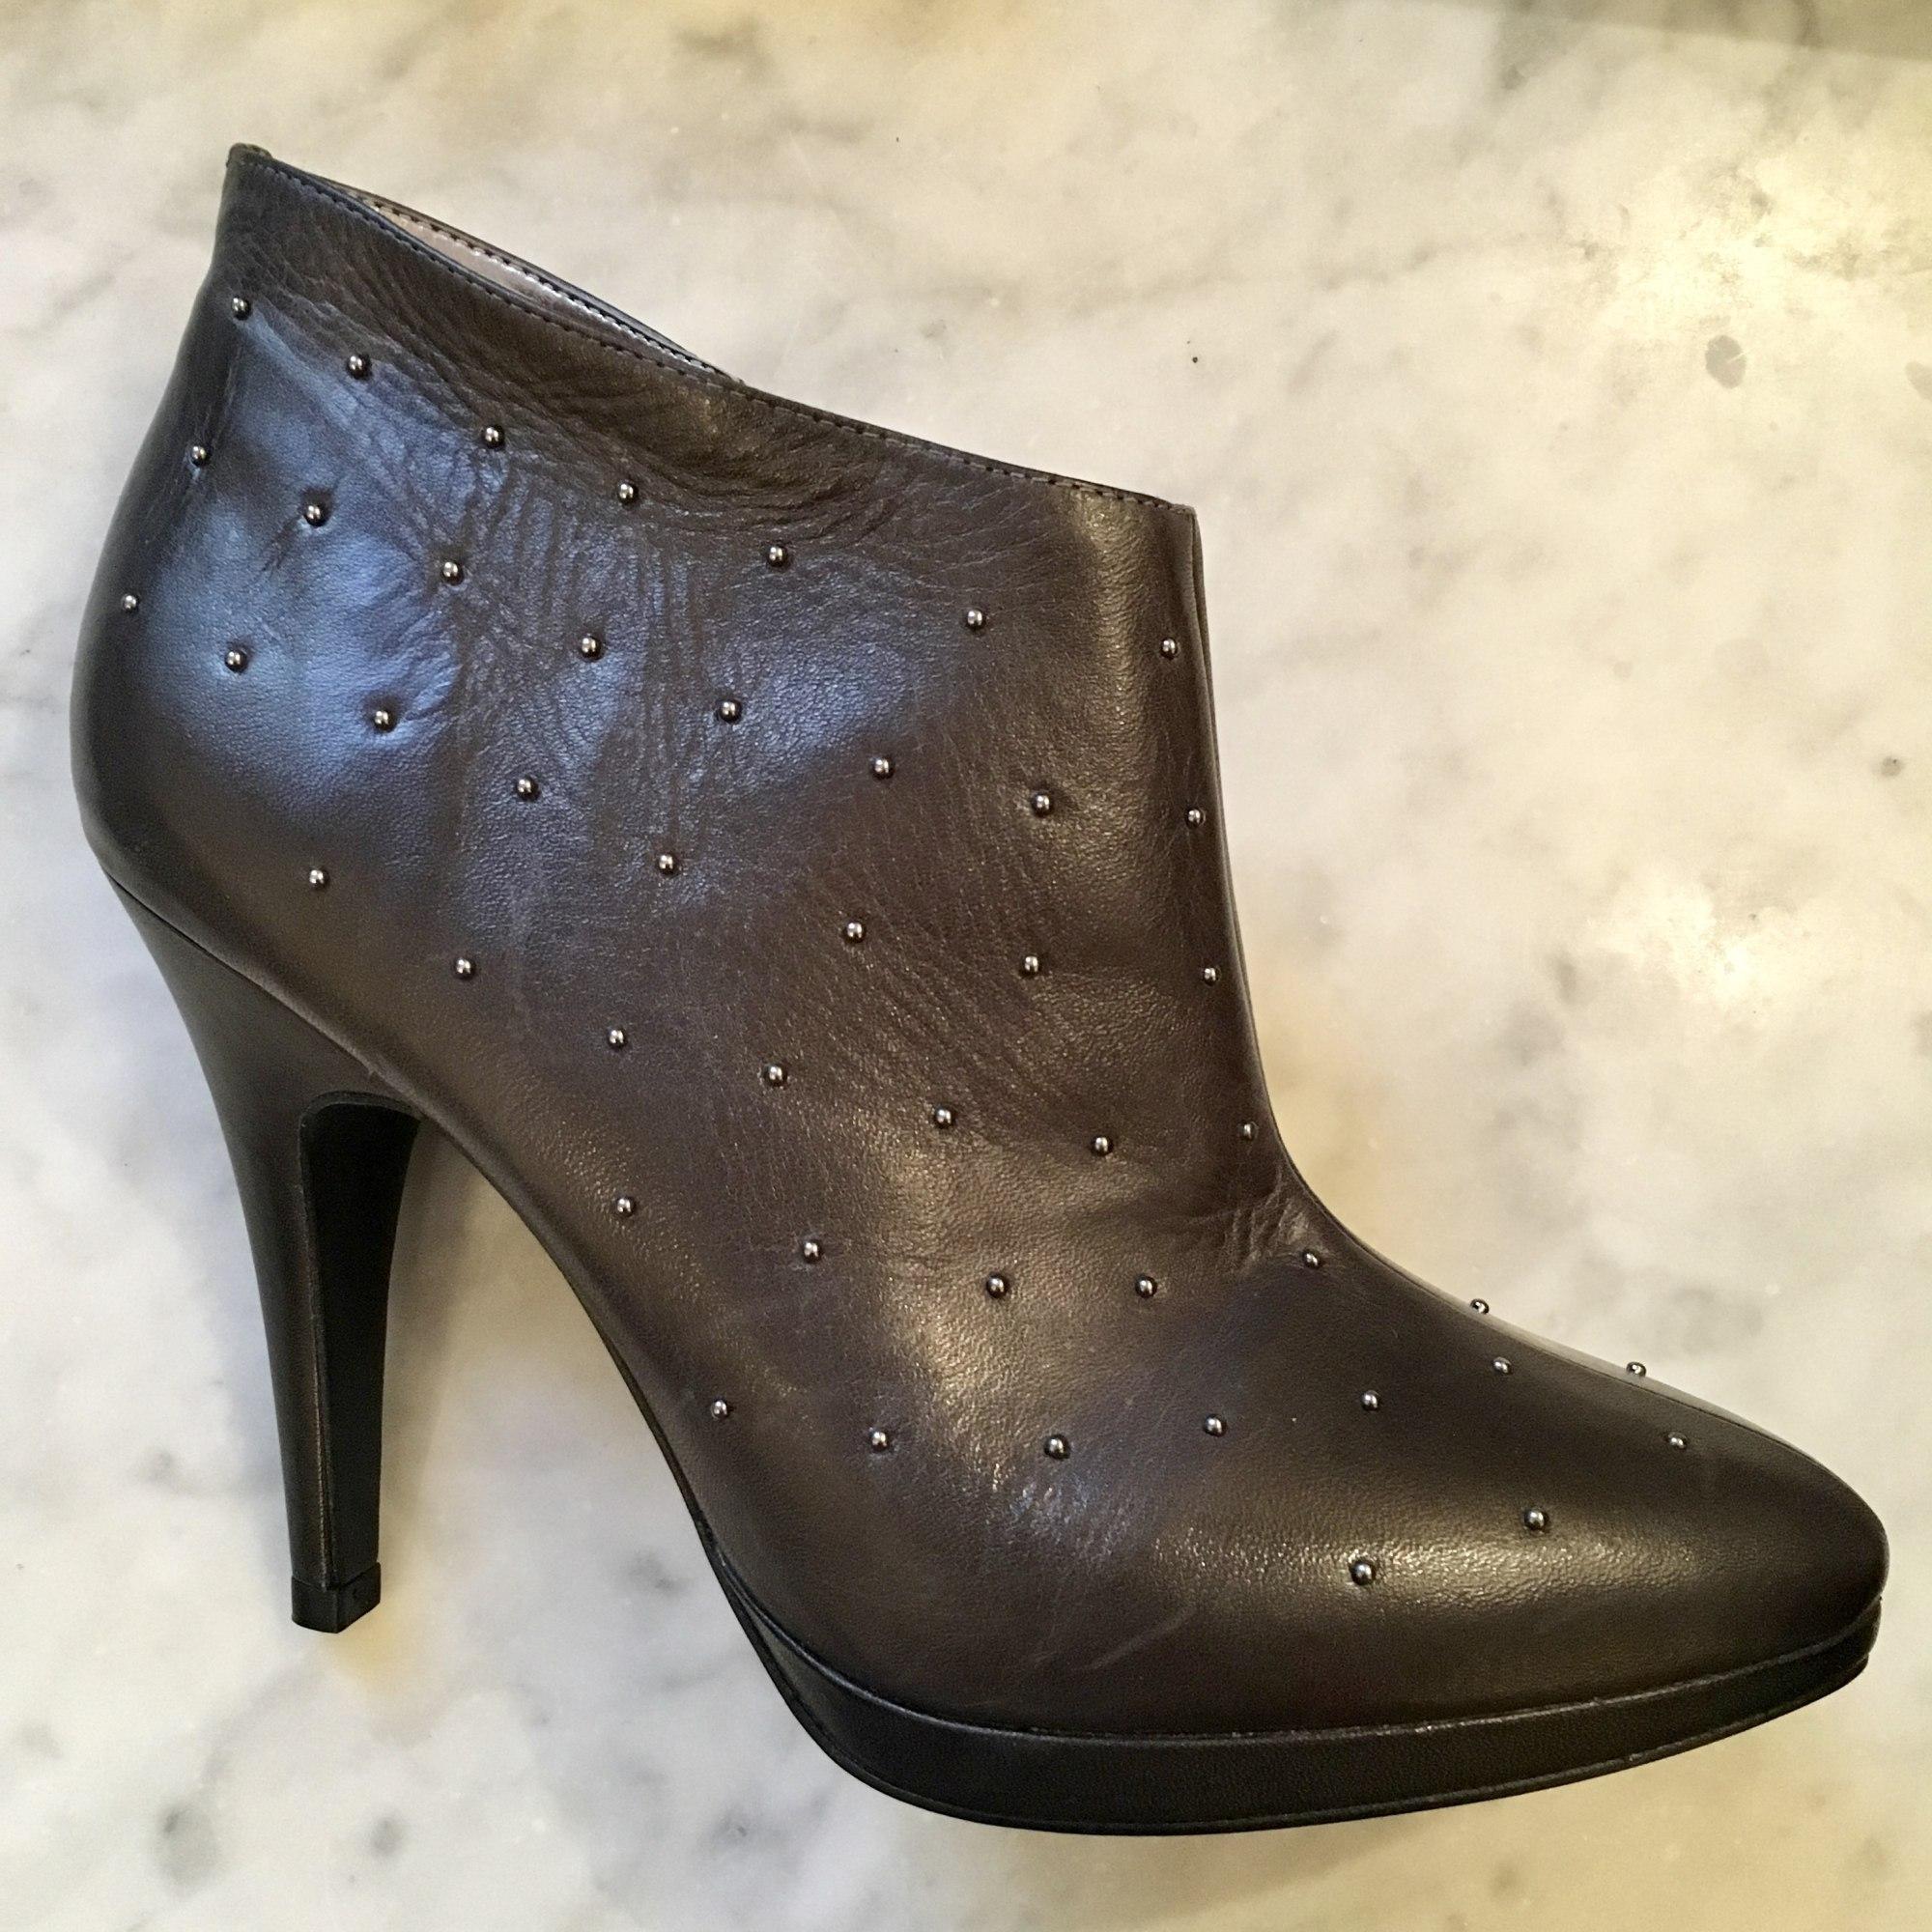 Bottines & low boots à talons LA SCARPA cuir noir 39 CuLgxwZ